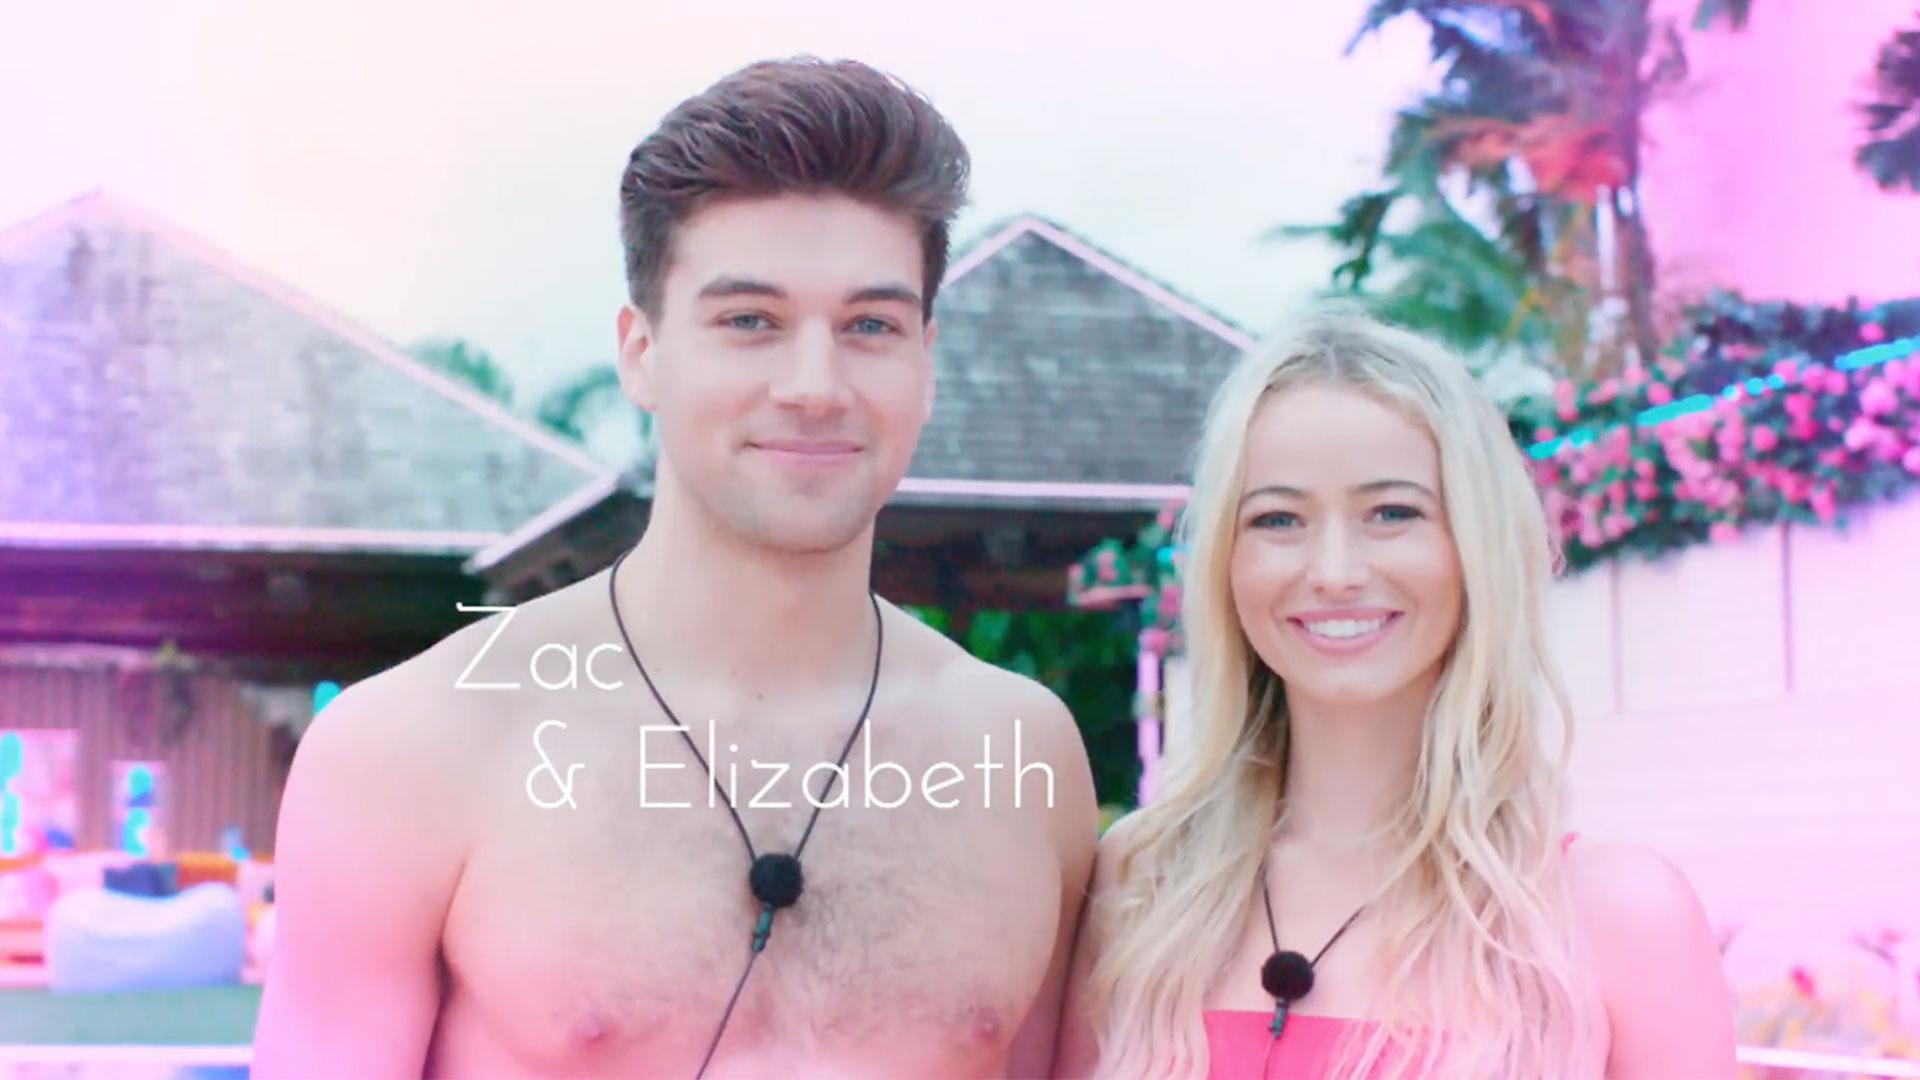 Zac and Elizabeth